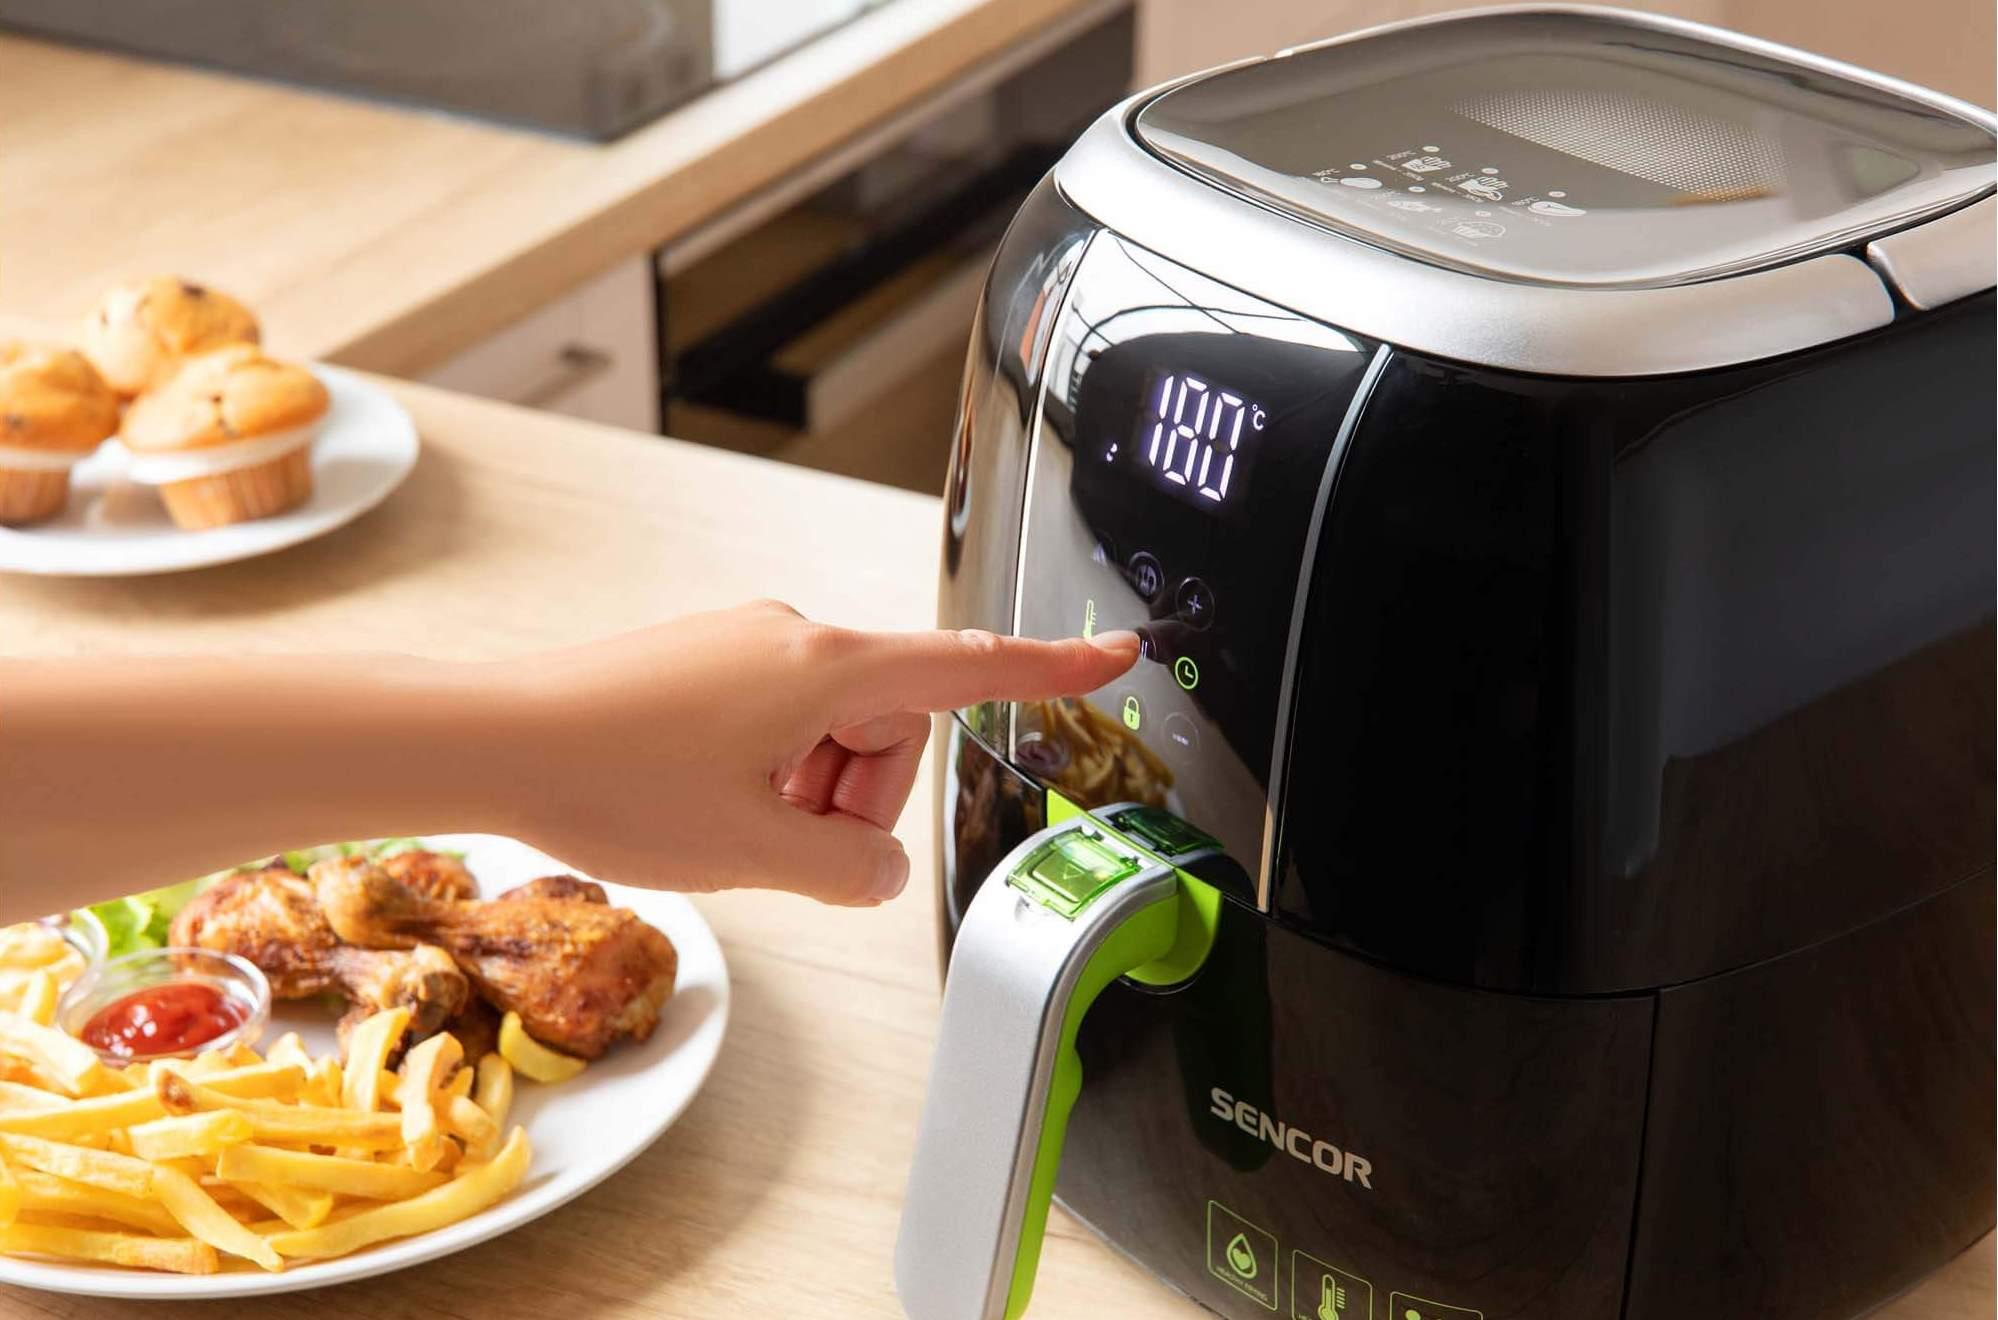 Horkovzdušná fritéza Sencor SFR 5321BK s příkonem až 1400 Wdokáže připravit všechna vaše oblíbená fritovaná jídla bez potřeby jediné kapky tuku či oleje.